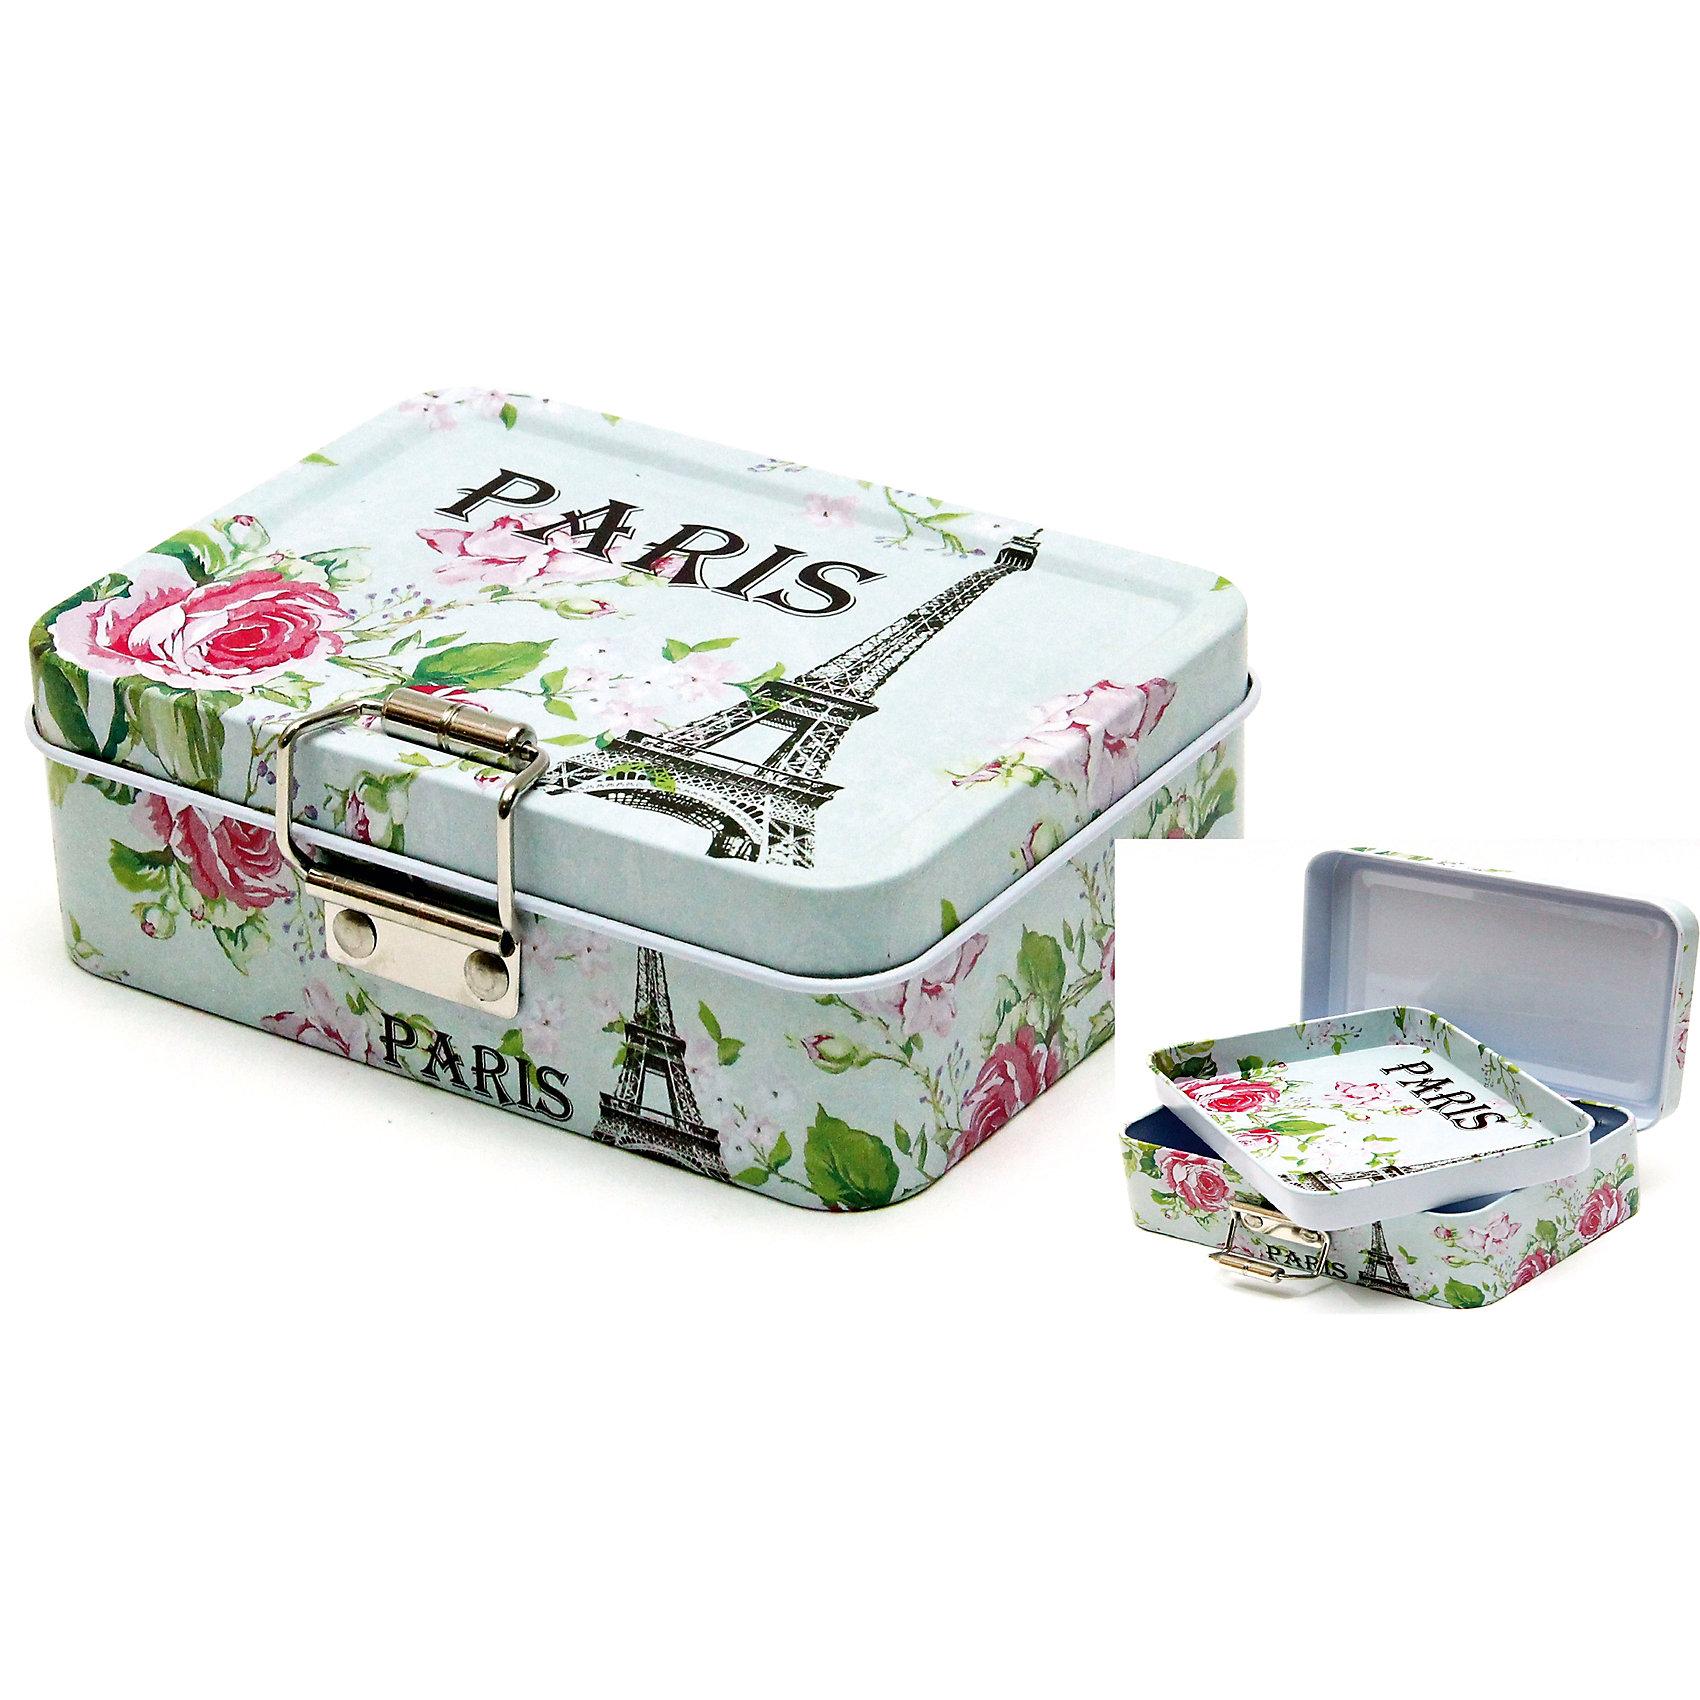 Коробка для мелочей Парижская роза 12,5*9*4 смУдобная и практичная коробка для мелочей Парижская роза позволит компактно разместить различные мелочи и не тратить время на их поиски. Коробка выполнена из черного окрашенного металла и имеет симпатичный дизайн с красивым цветочным рисунком и изображением Эйфелевой башни, оснащена съемным отделением.<br><br>Дополнительная информация:<br><br>- Материал: черный окрашенный металл.<br>- Размер коробки: 12,5 х 9 х 4 см.<br>- Вес: 148 гр.<br><br>Коробку для мелочей Парижская роза, Феникс-презент, можно купить в нашем интернет-магазине.<br><br>Ширина мм: 50<br>Глубина мм: 90<br>Высота мм: 130<br>Вес г: 148<br>Возраст от месяцев: 36<br>Возраст до месяцев: 2147483647<br>Пол: Женский<br>Возраст: Детский<br>SKU: 4501176